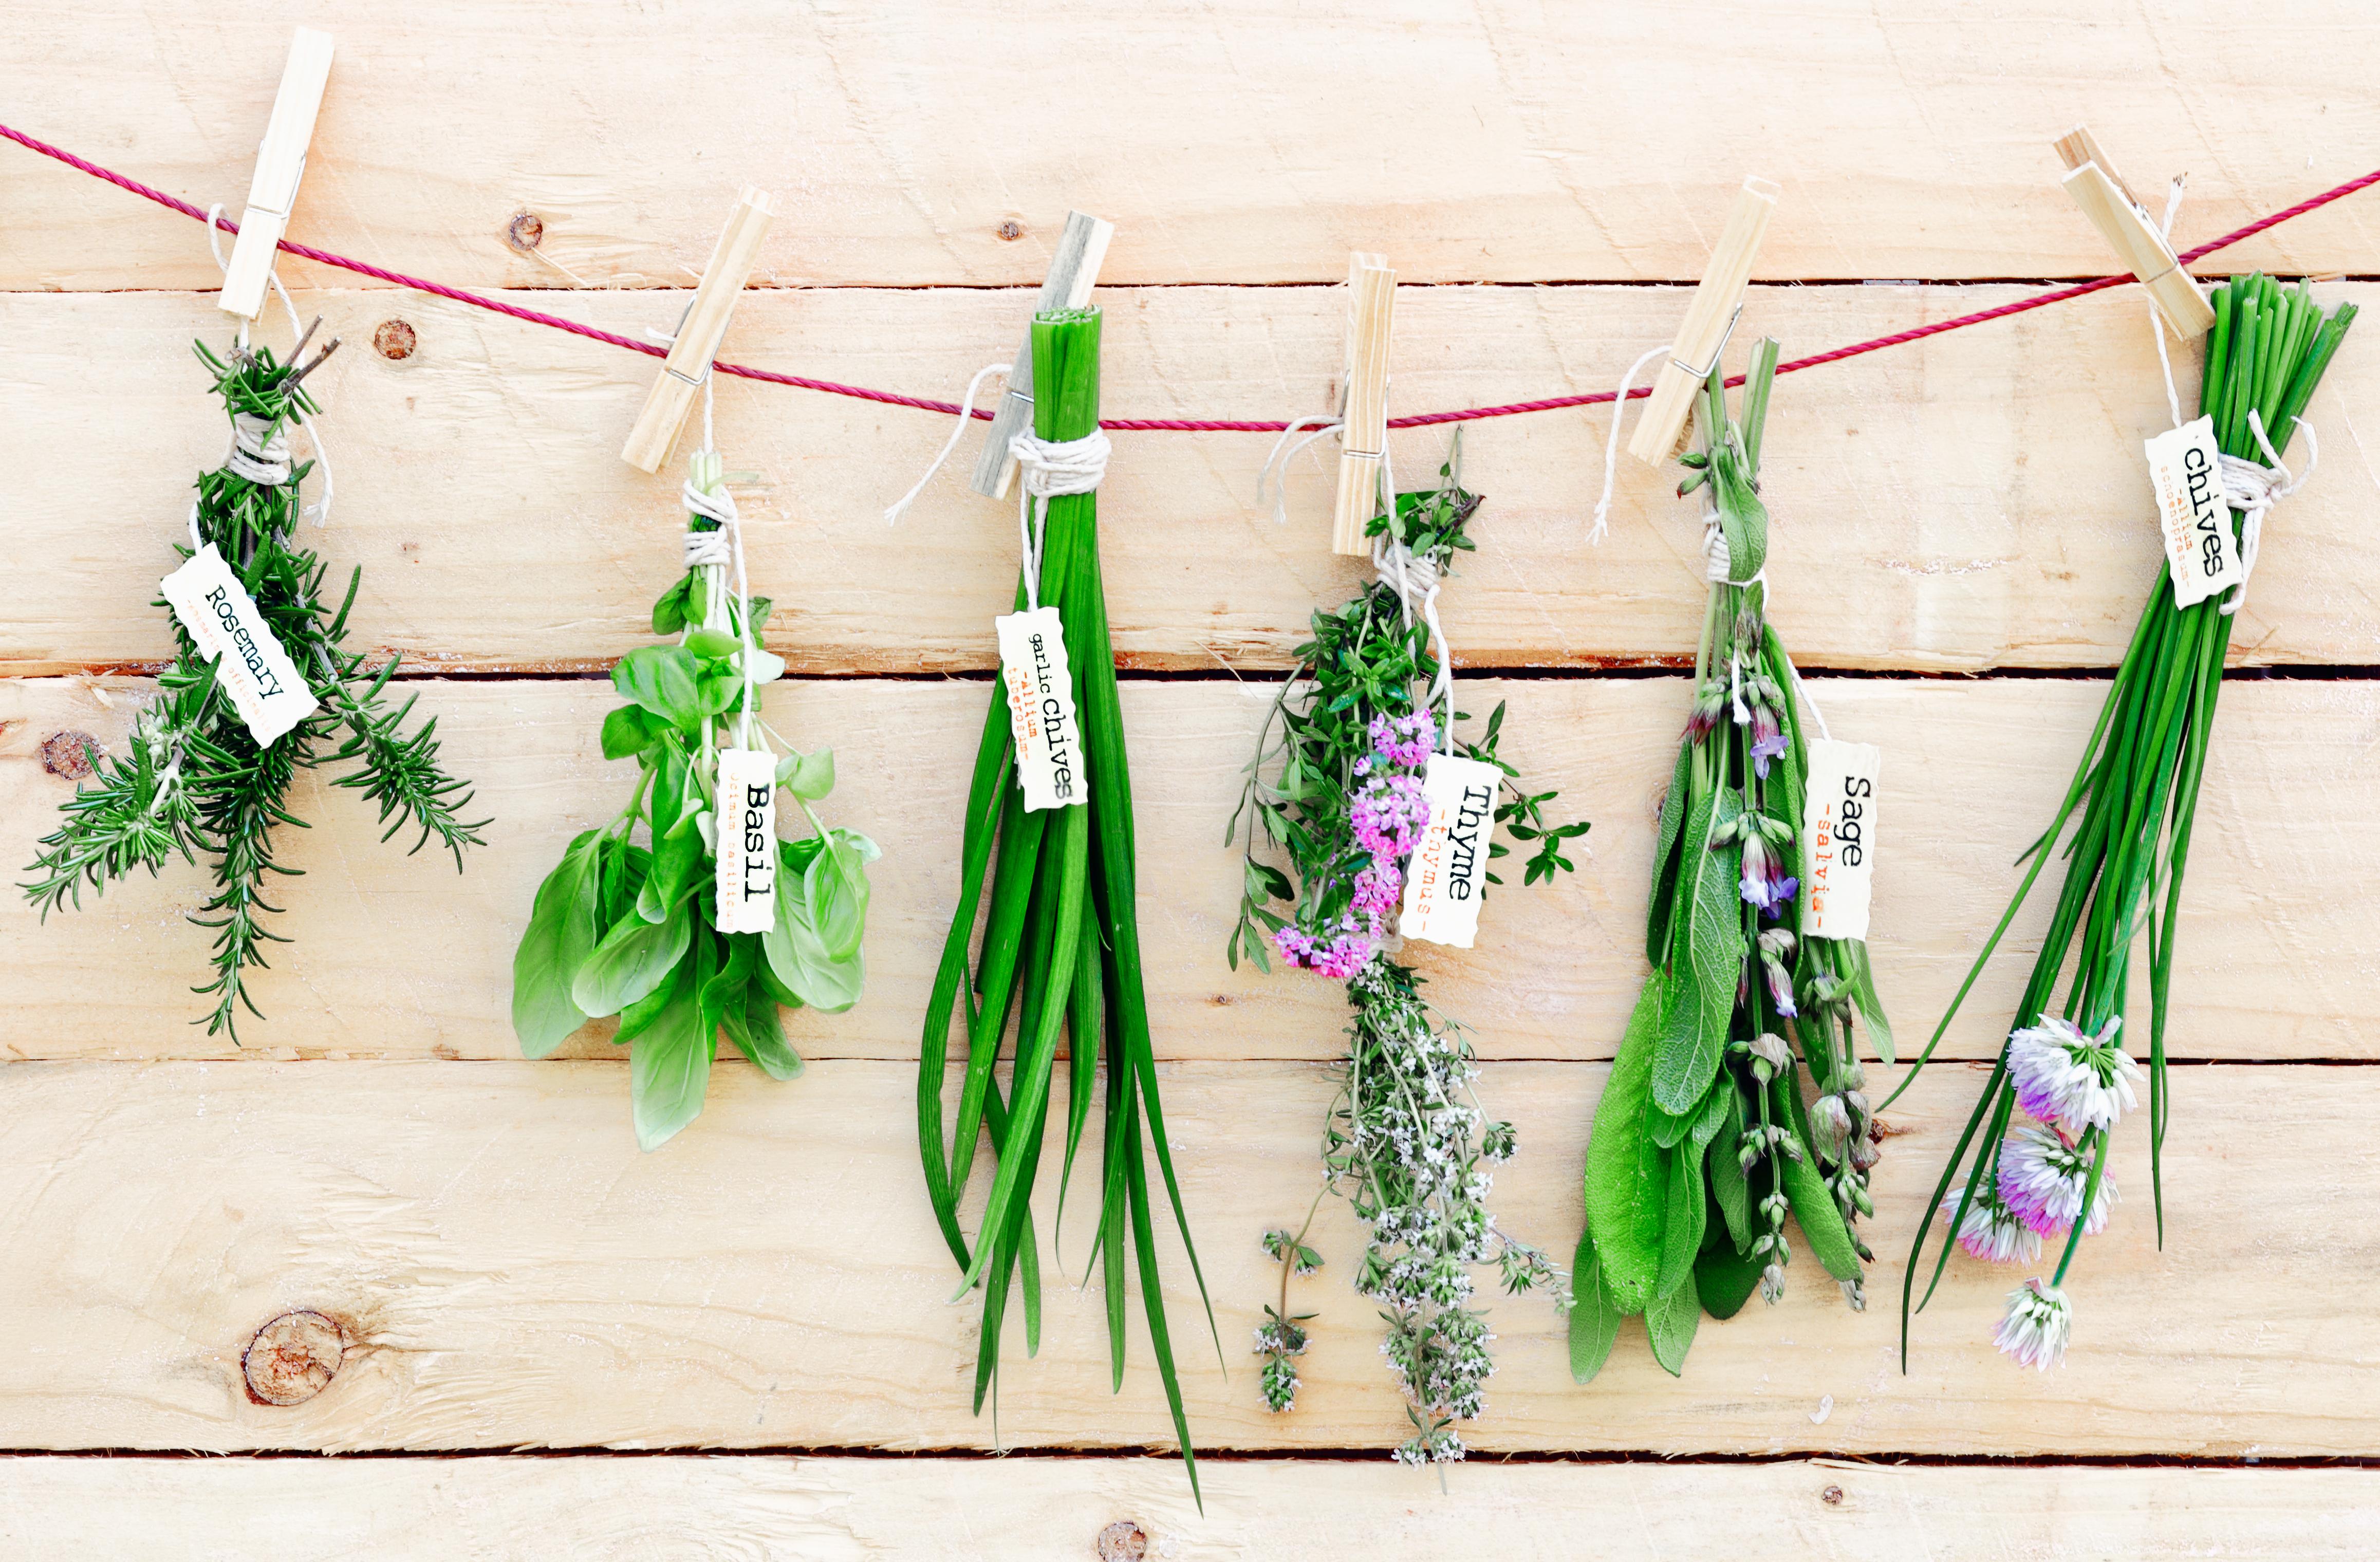 Coltivare In Casa Piante Aromatiche 5 consigli per coltivare le aromatiche in inverno | fito